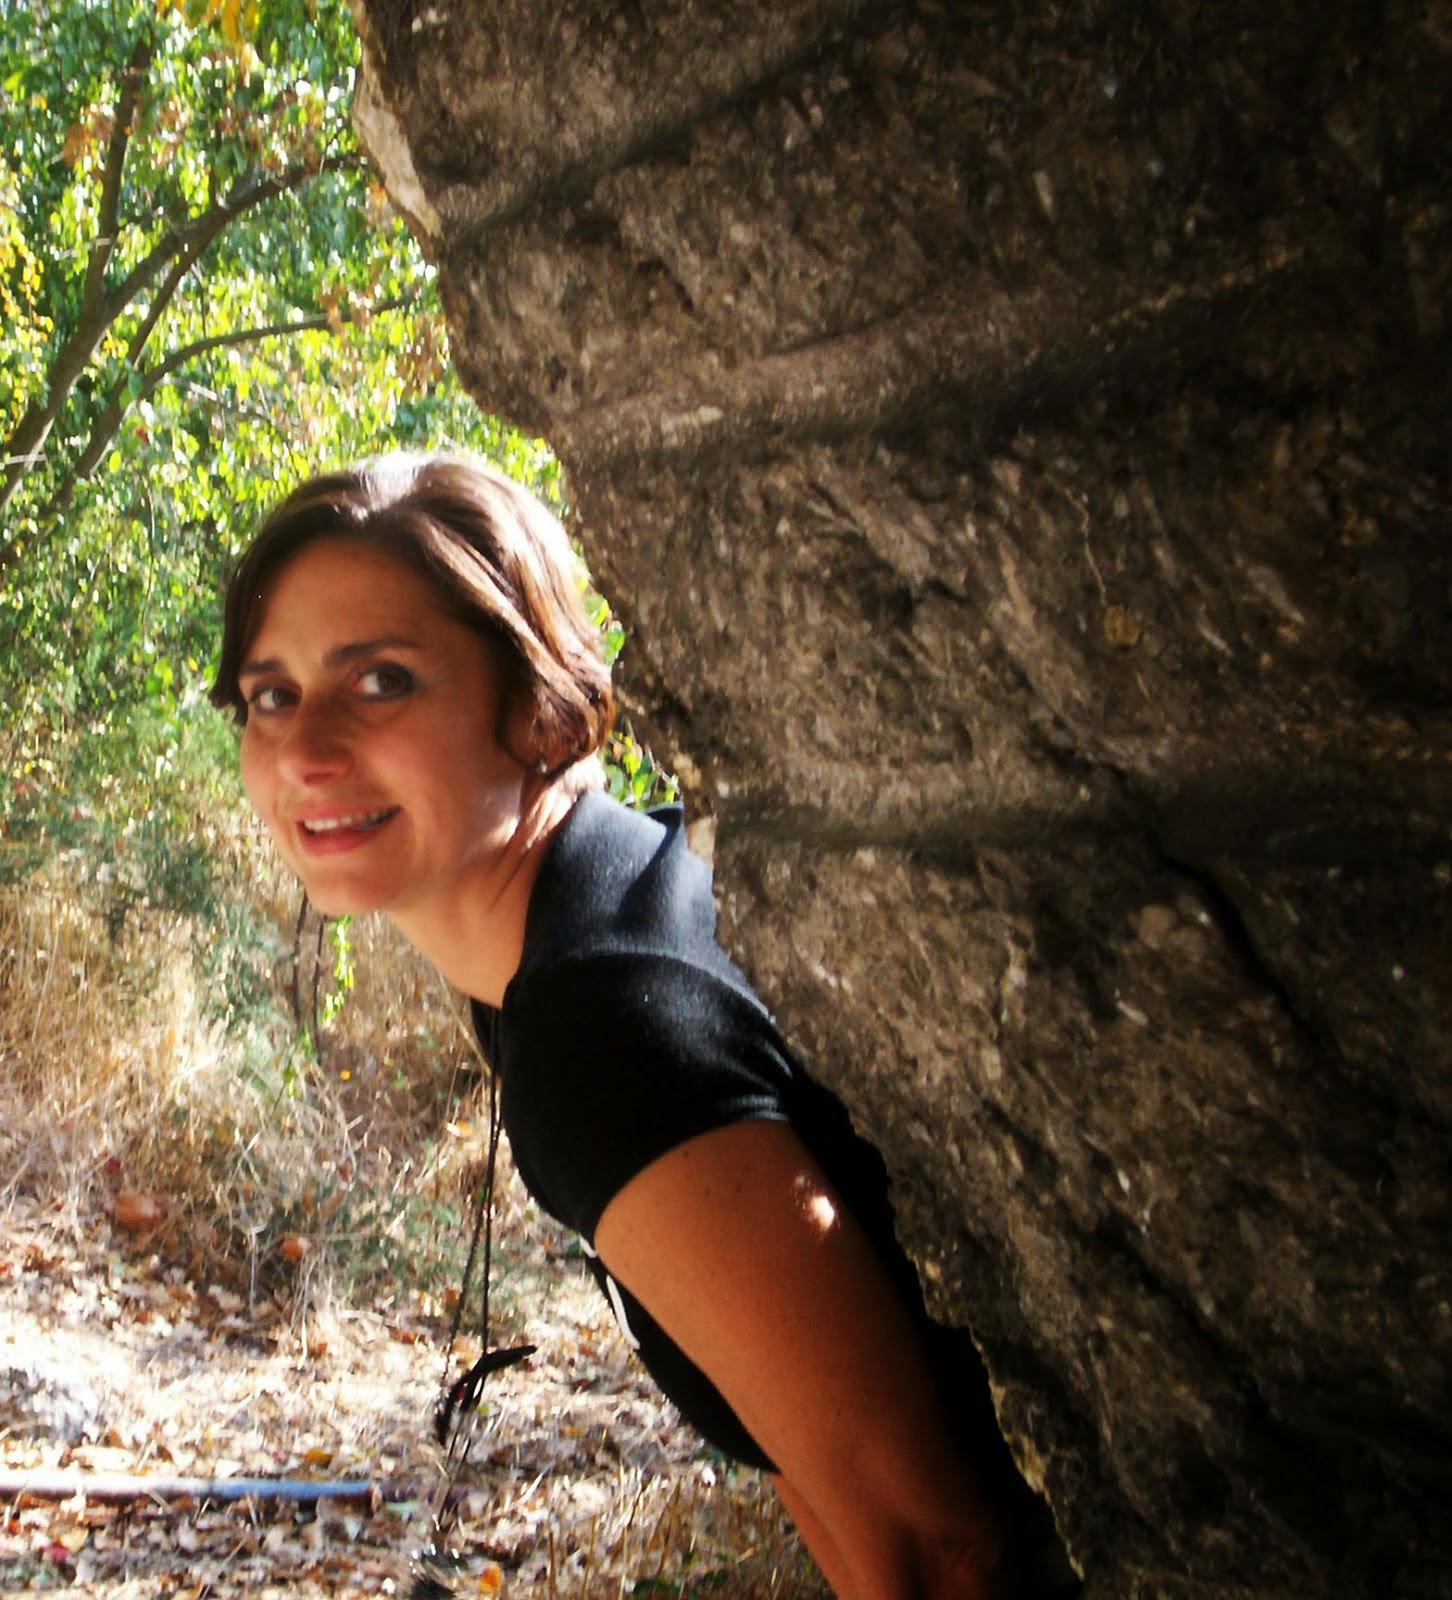 Sabrina Giarratana